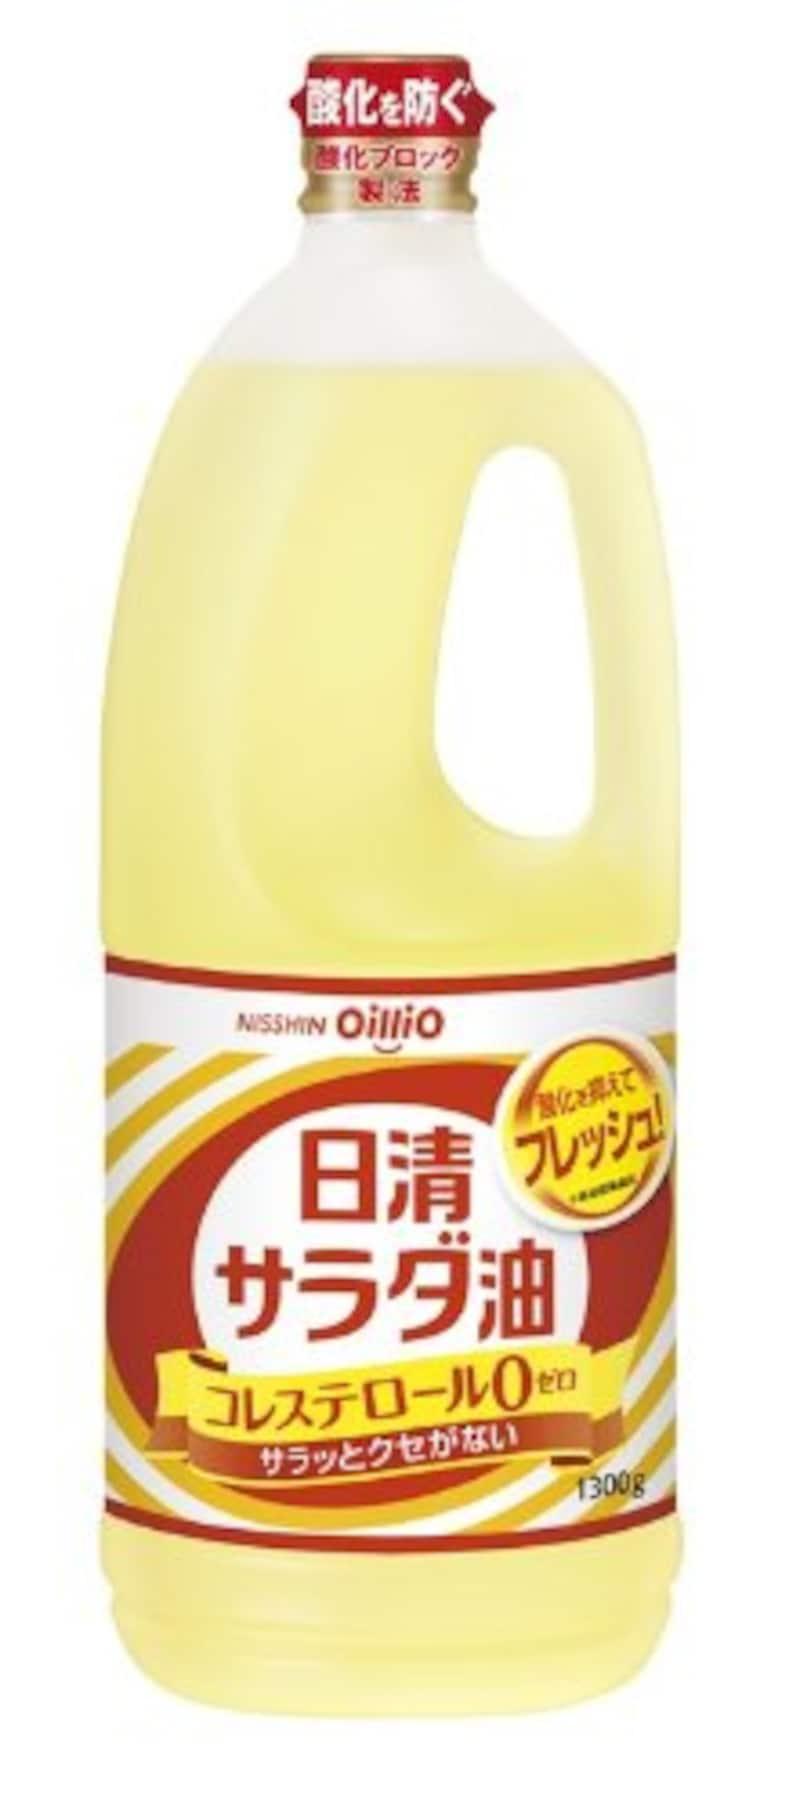 日清オイリオ,日清サラダ油   1300g